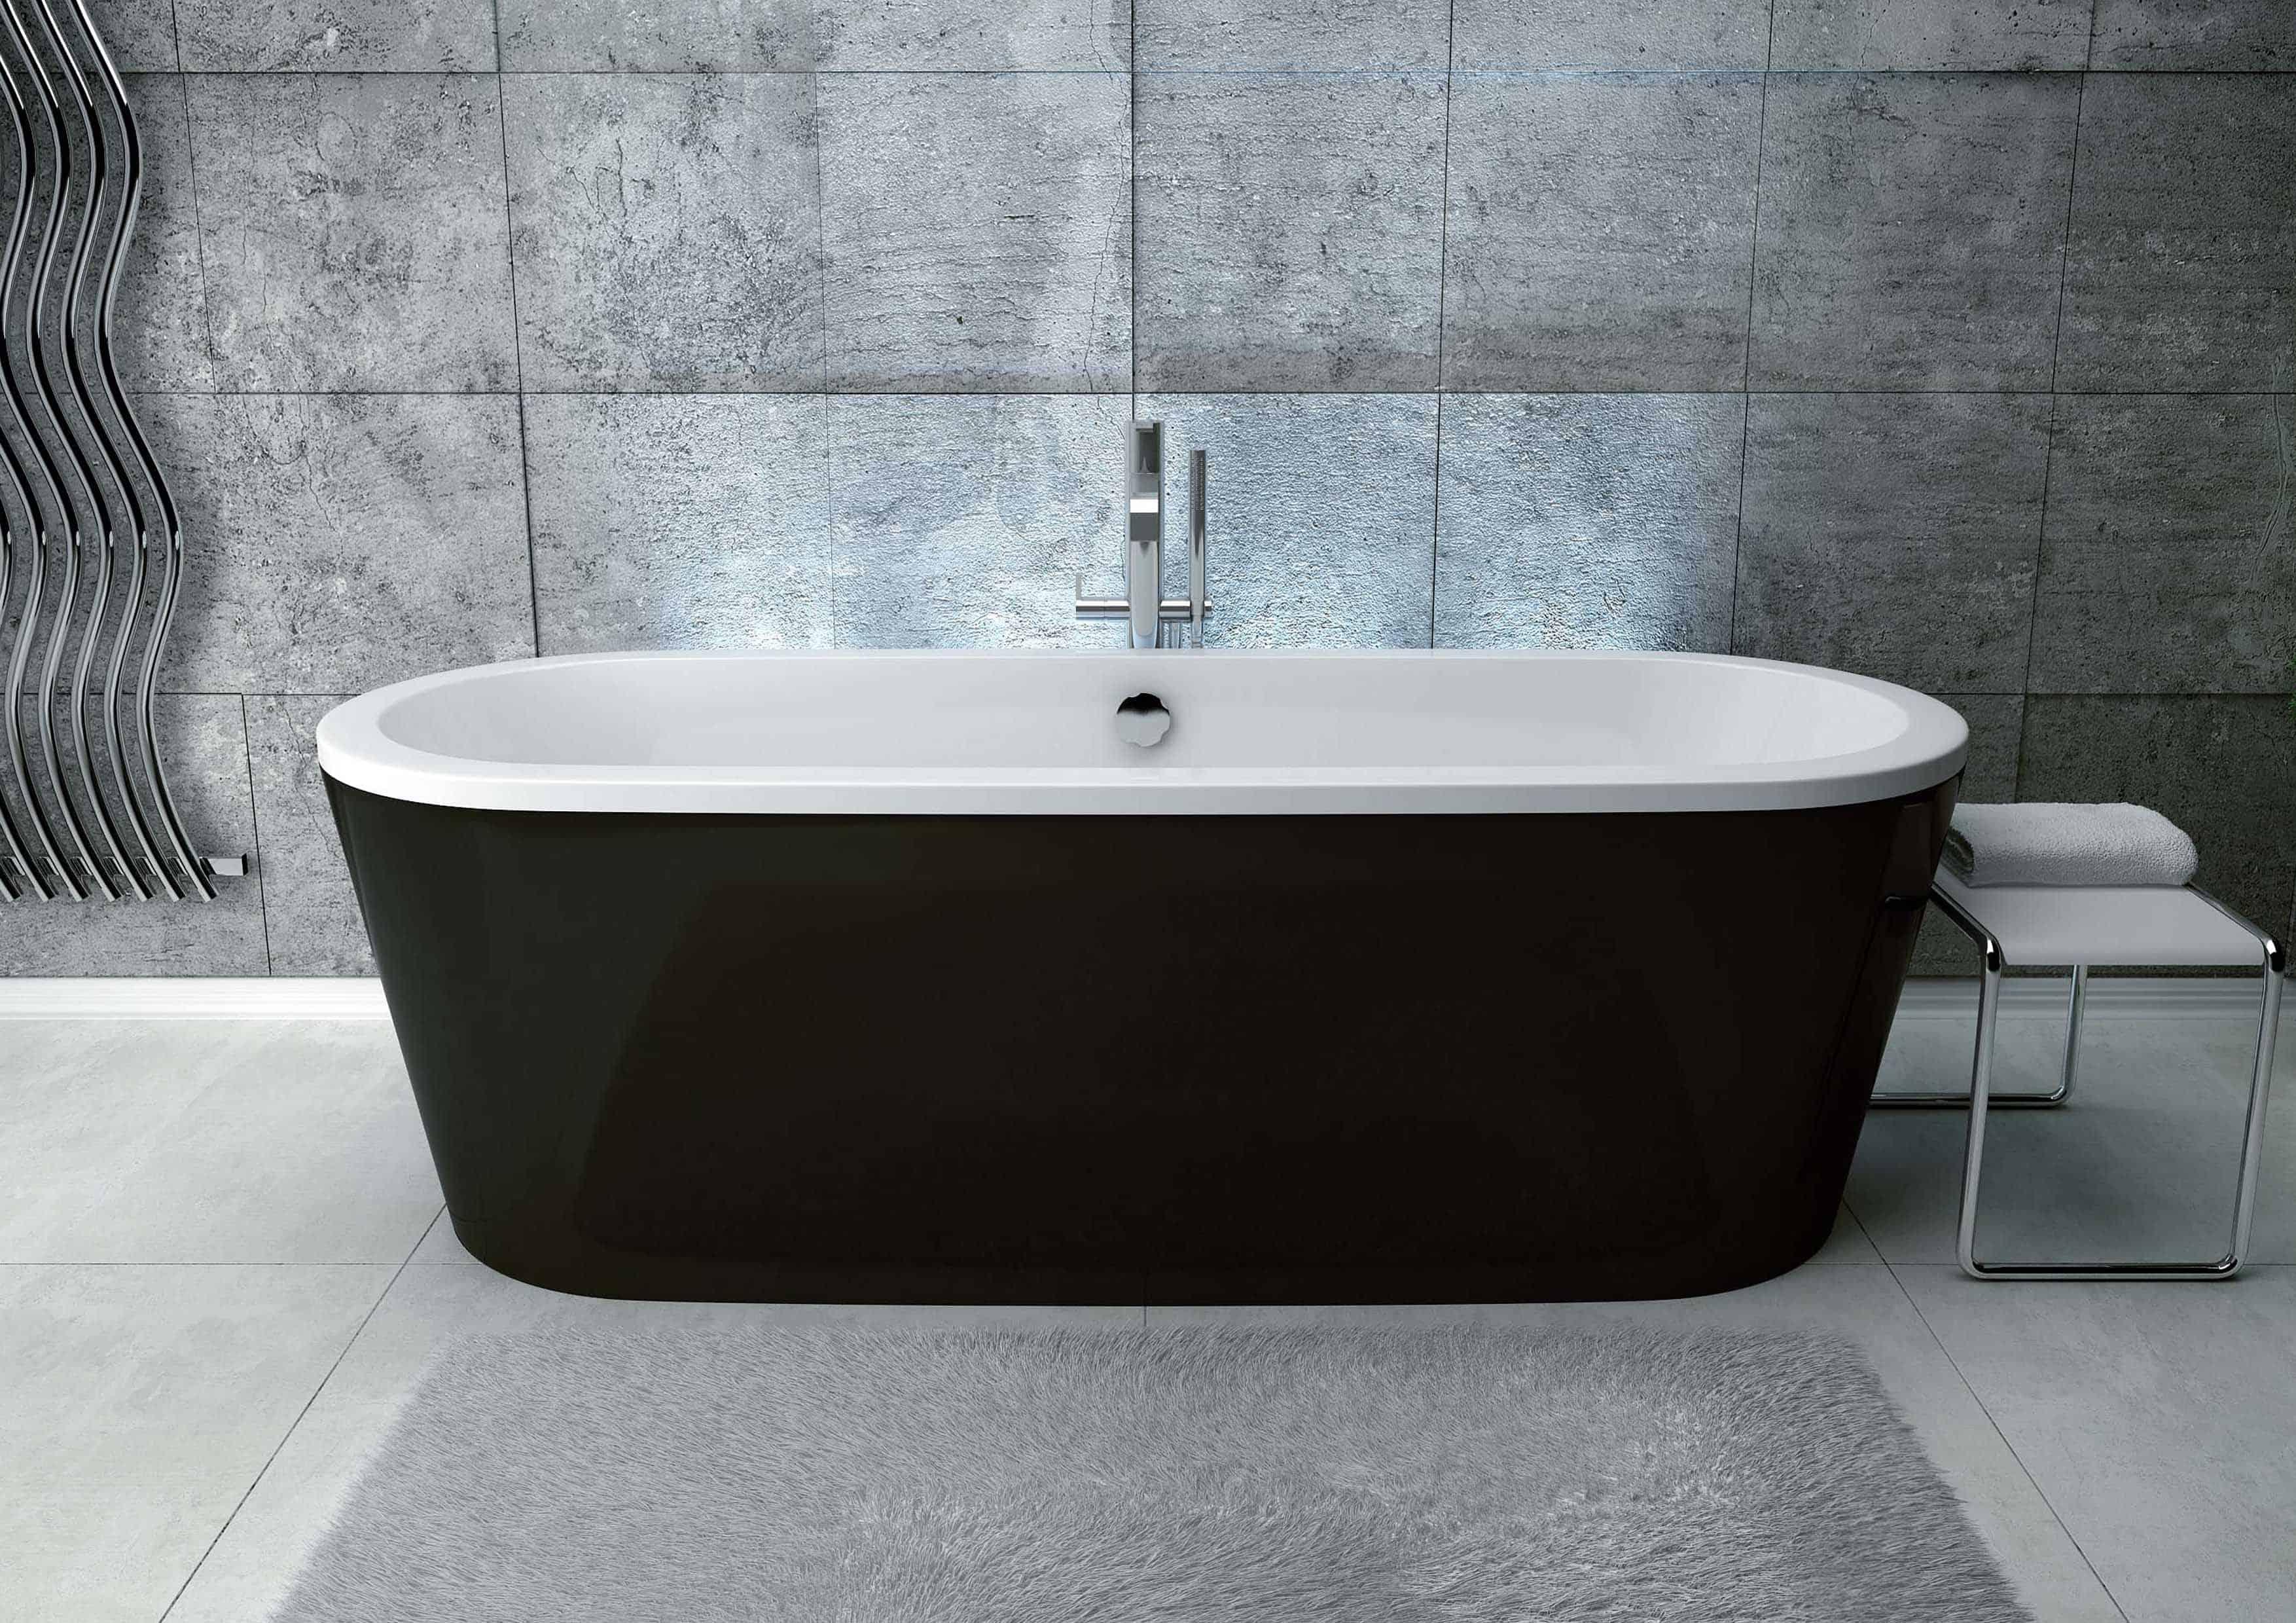 vrijstaand bad badkamergroep.nl